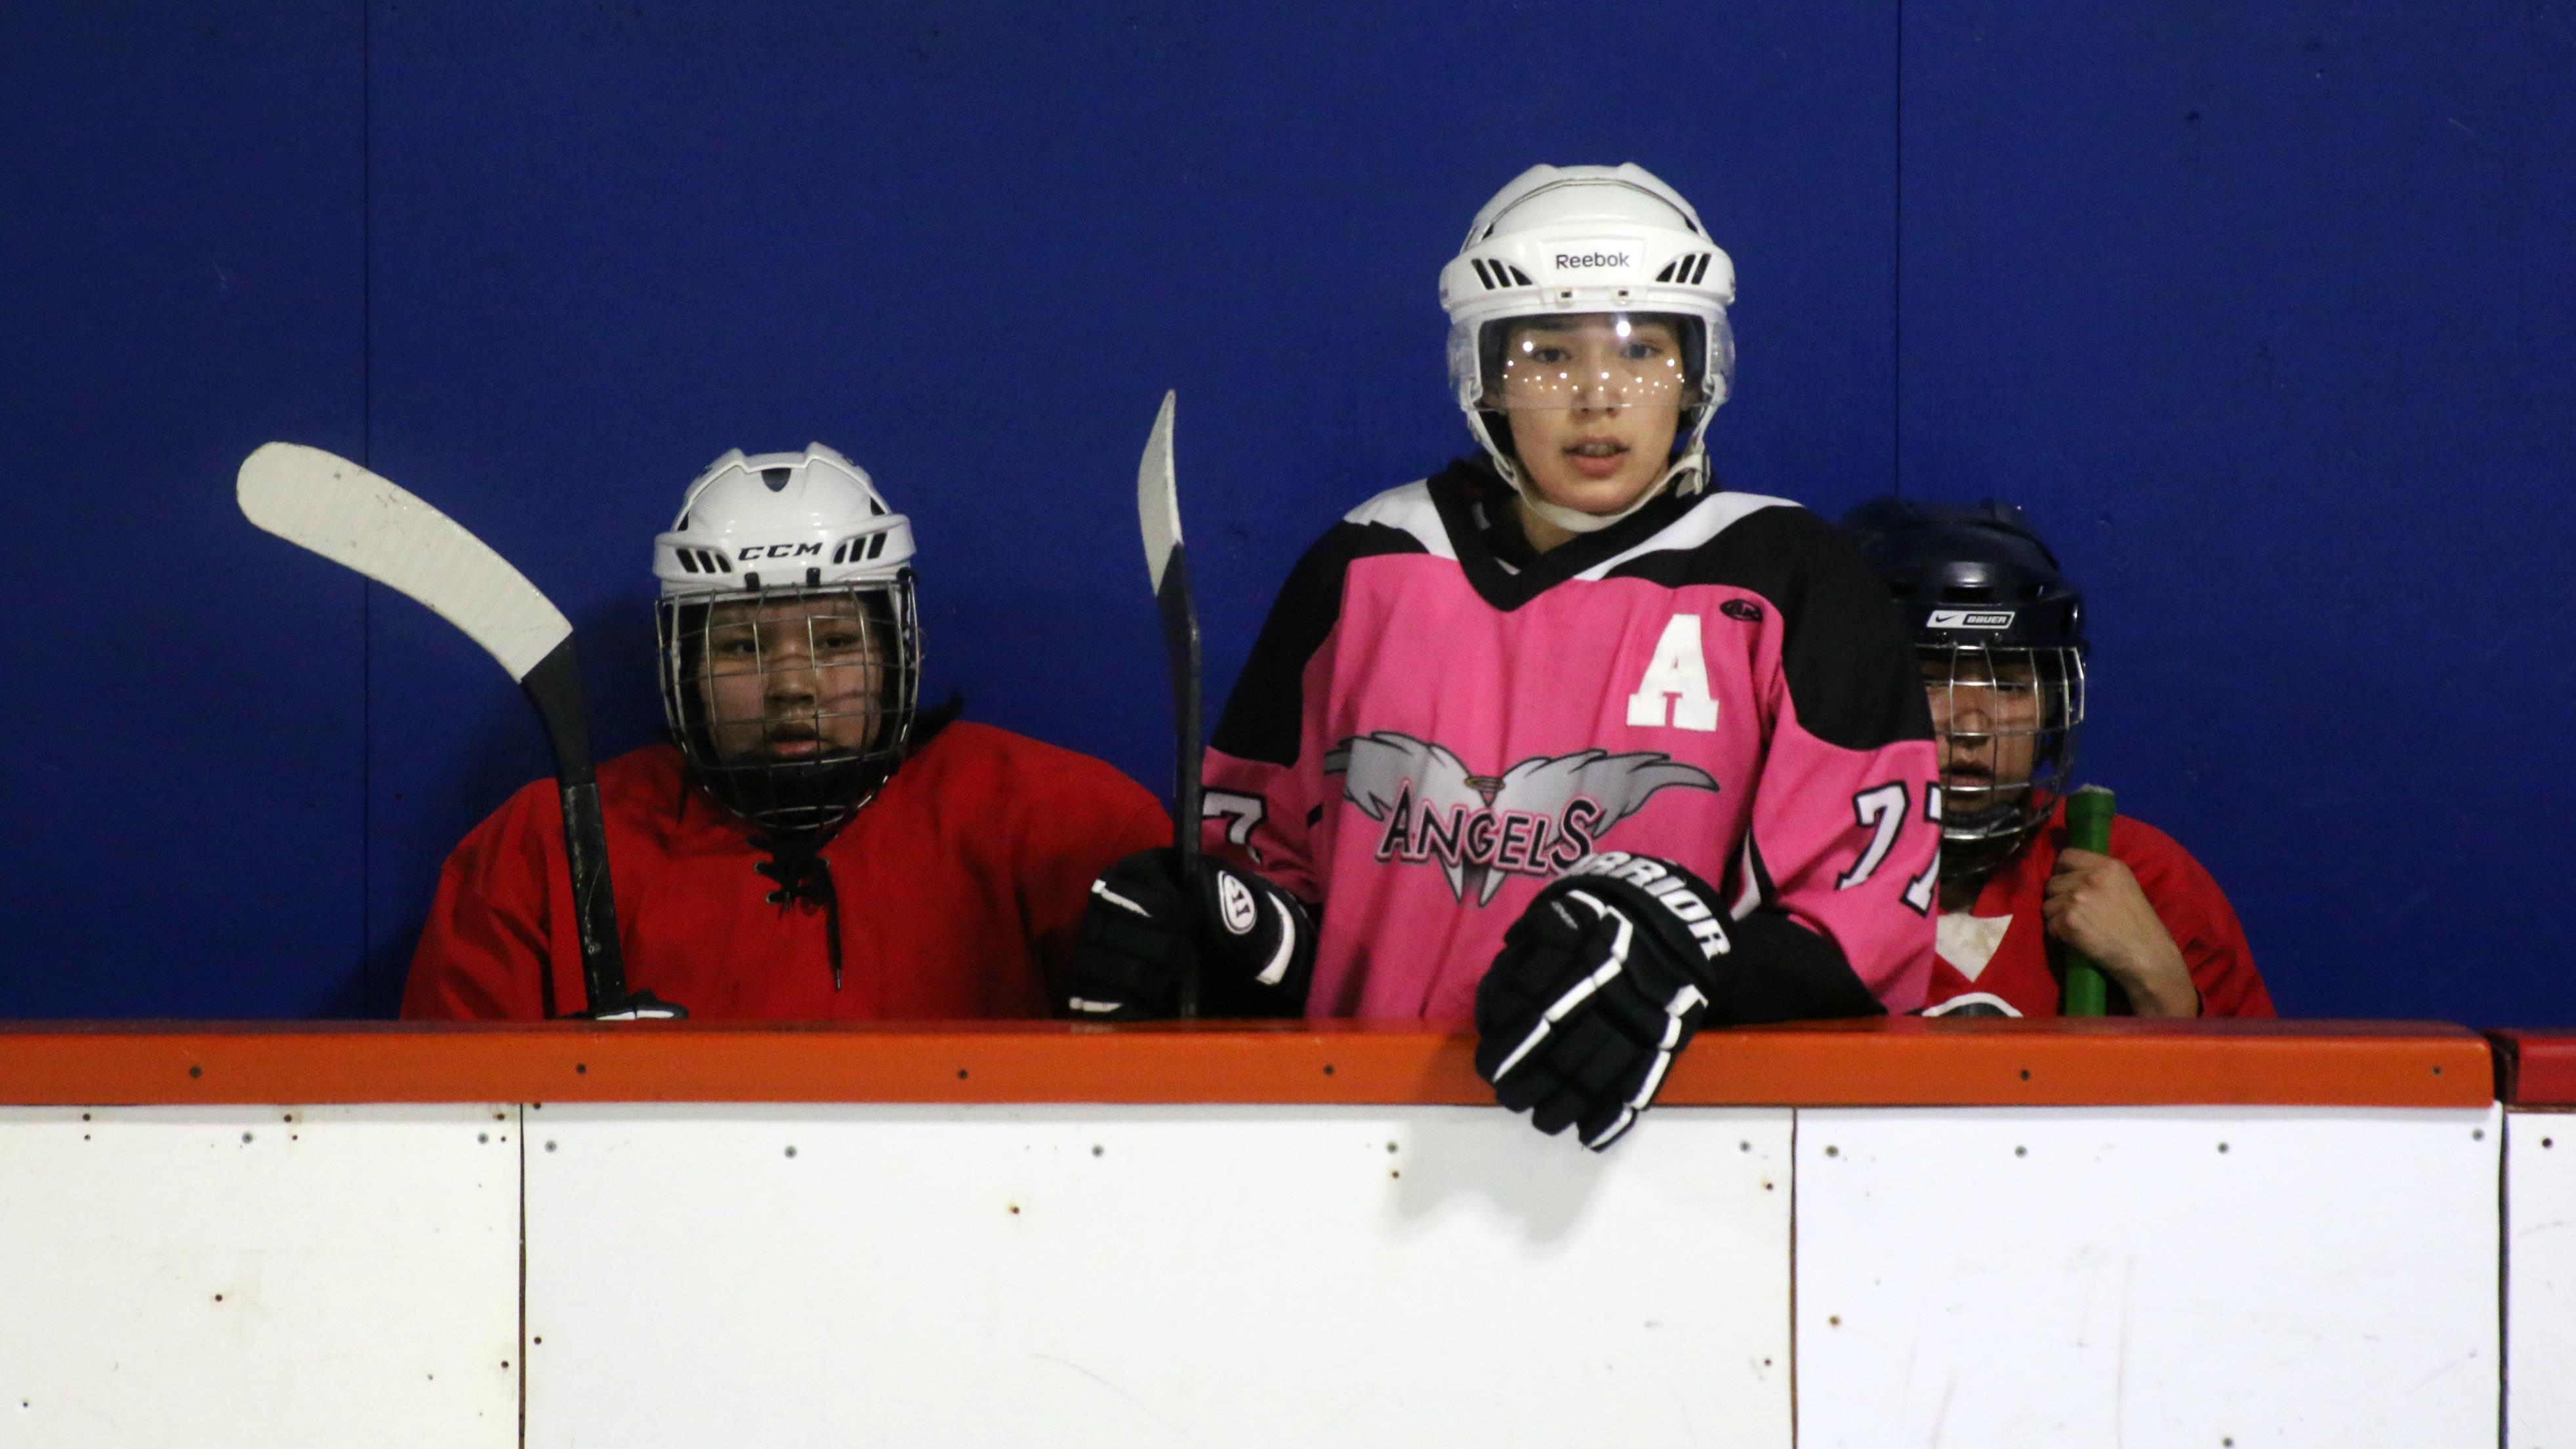 Des joueuses de hockey observent un match du banc de leur équipe, lors d'un tournoi de hockey autochtone à Val-d'Or.